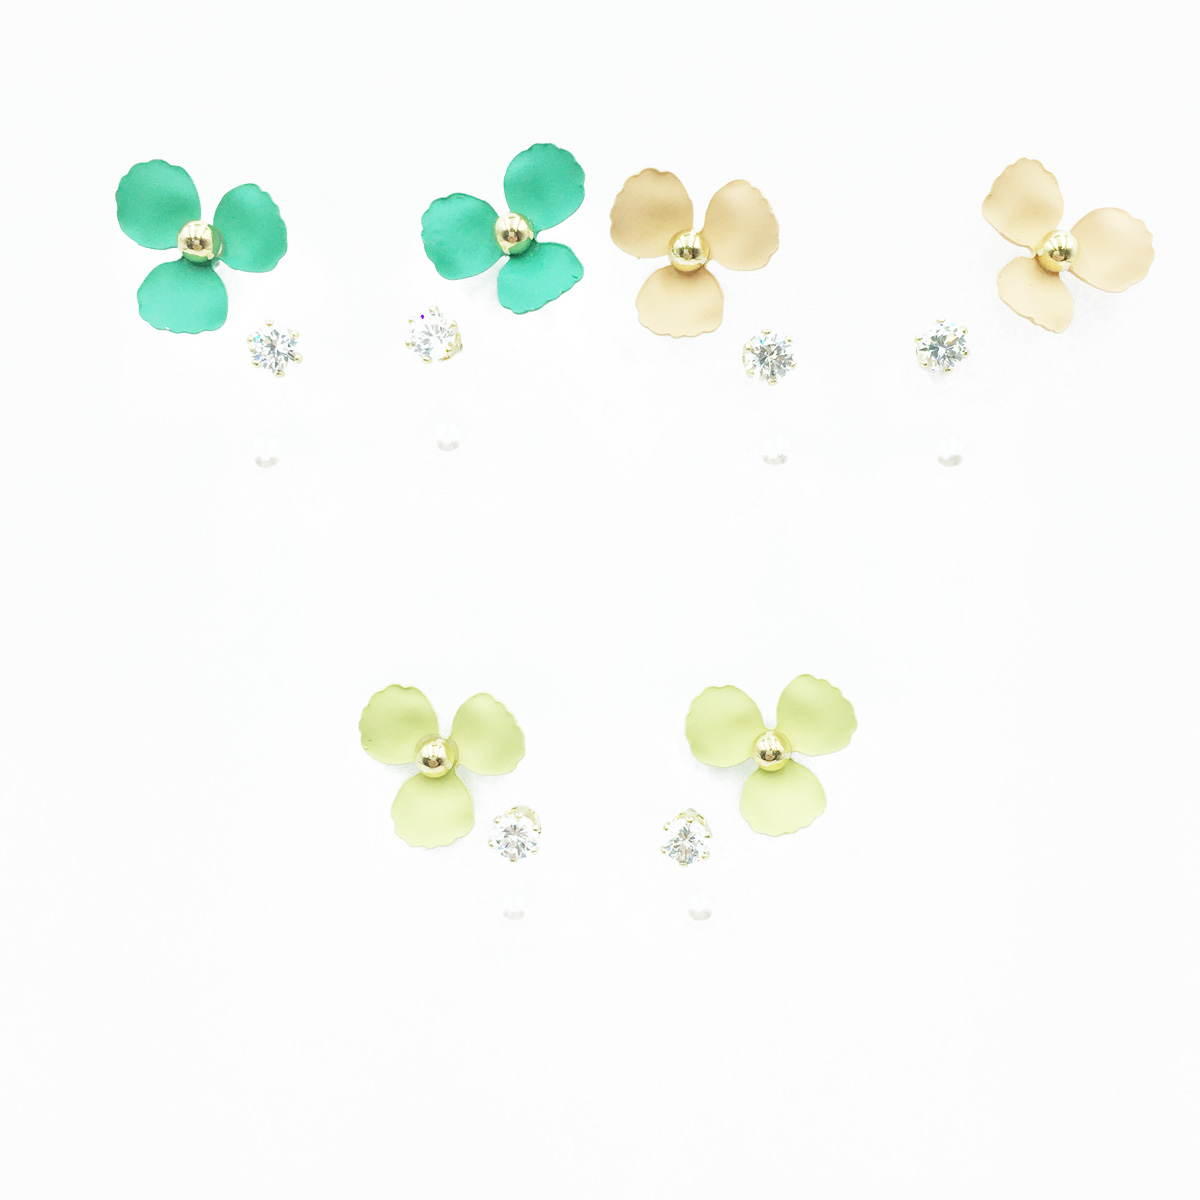 韓國 925純銀 花 小金珠 水鑽 單鑽 珍珠 三對組 3色 耳針式耳環